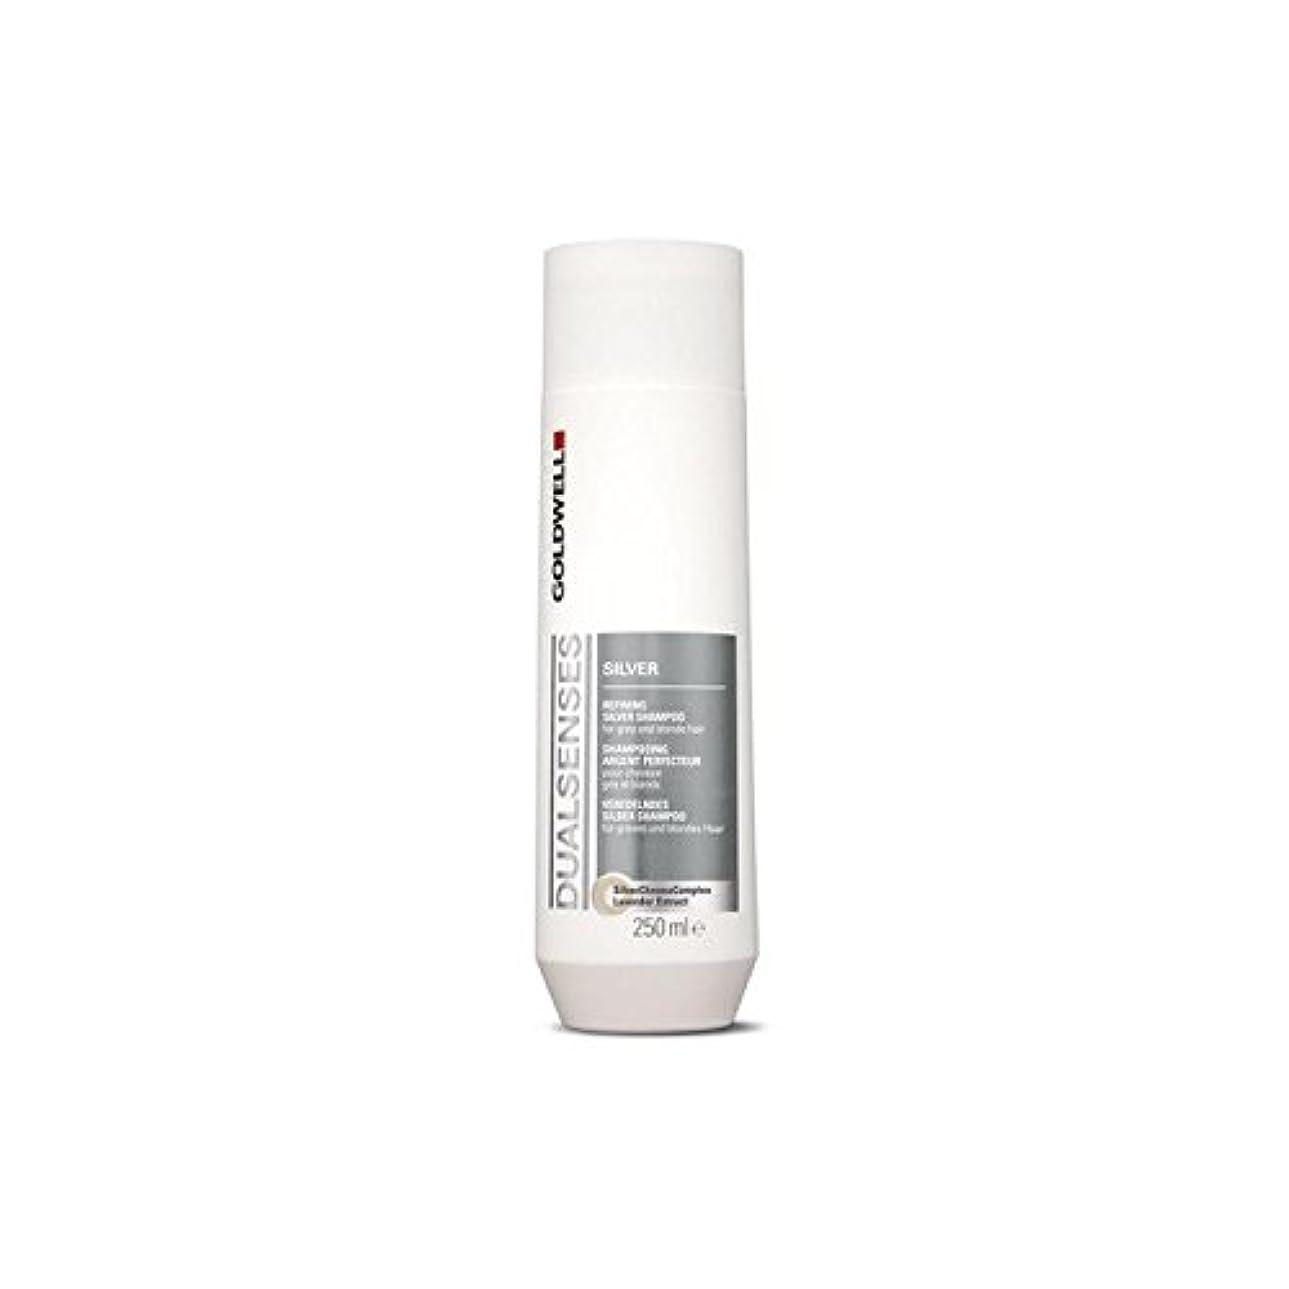 ヒップスマイル知的Goldwell Dualsenses Silver Shampoo (250ml) (Pack of 6) - は銀シャンプー(250ミリリットル)を x6 [並行輸入品]